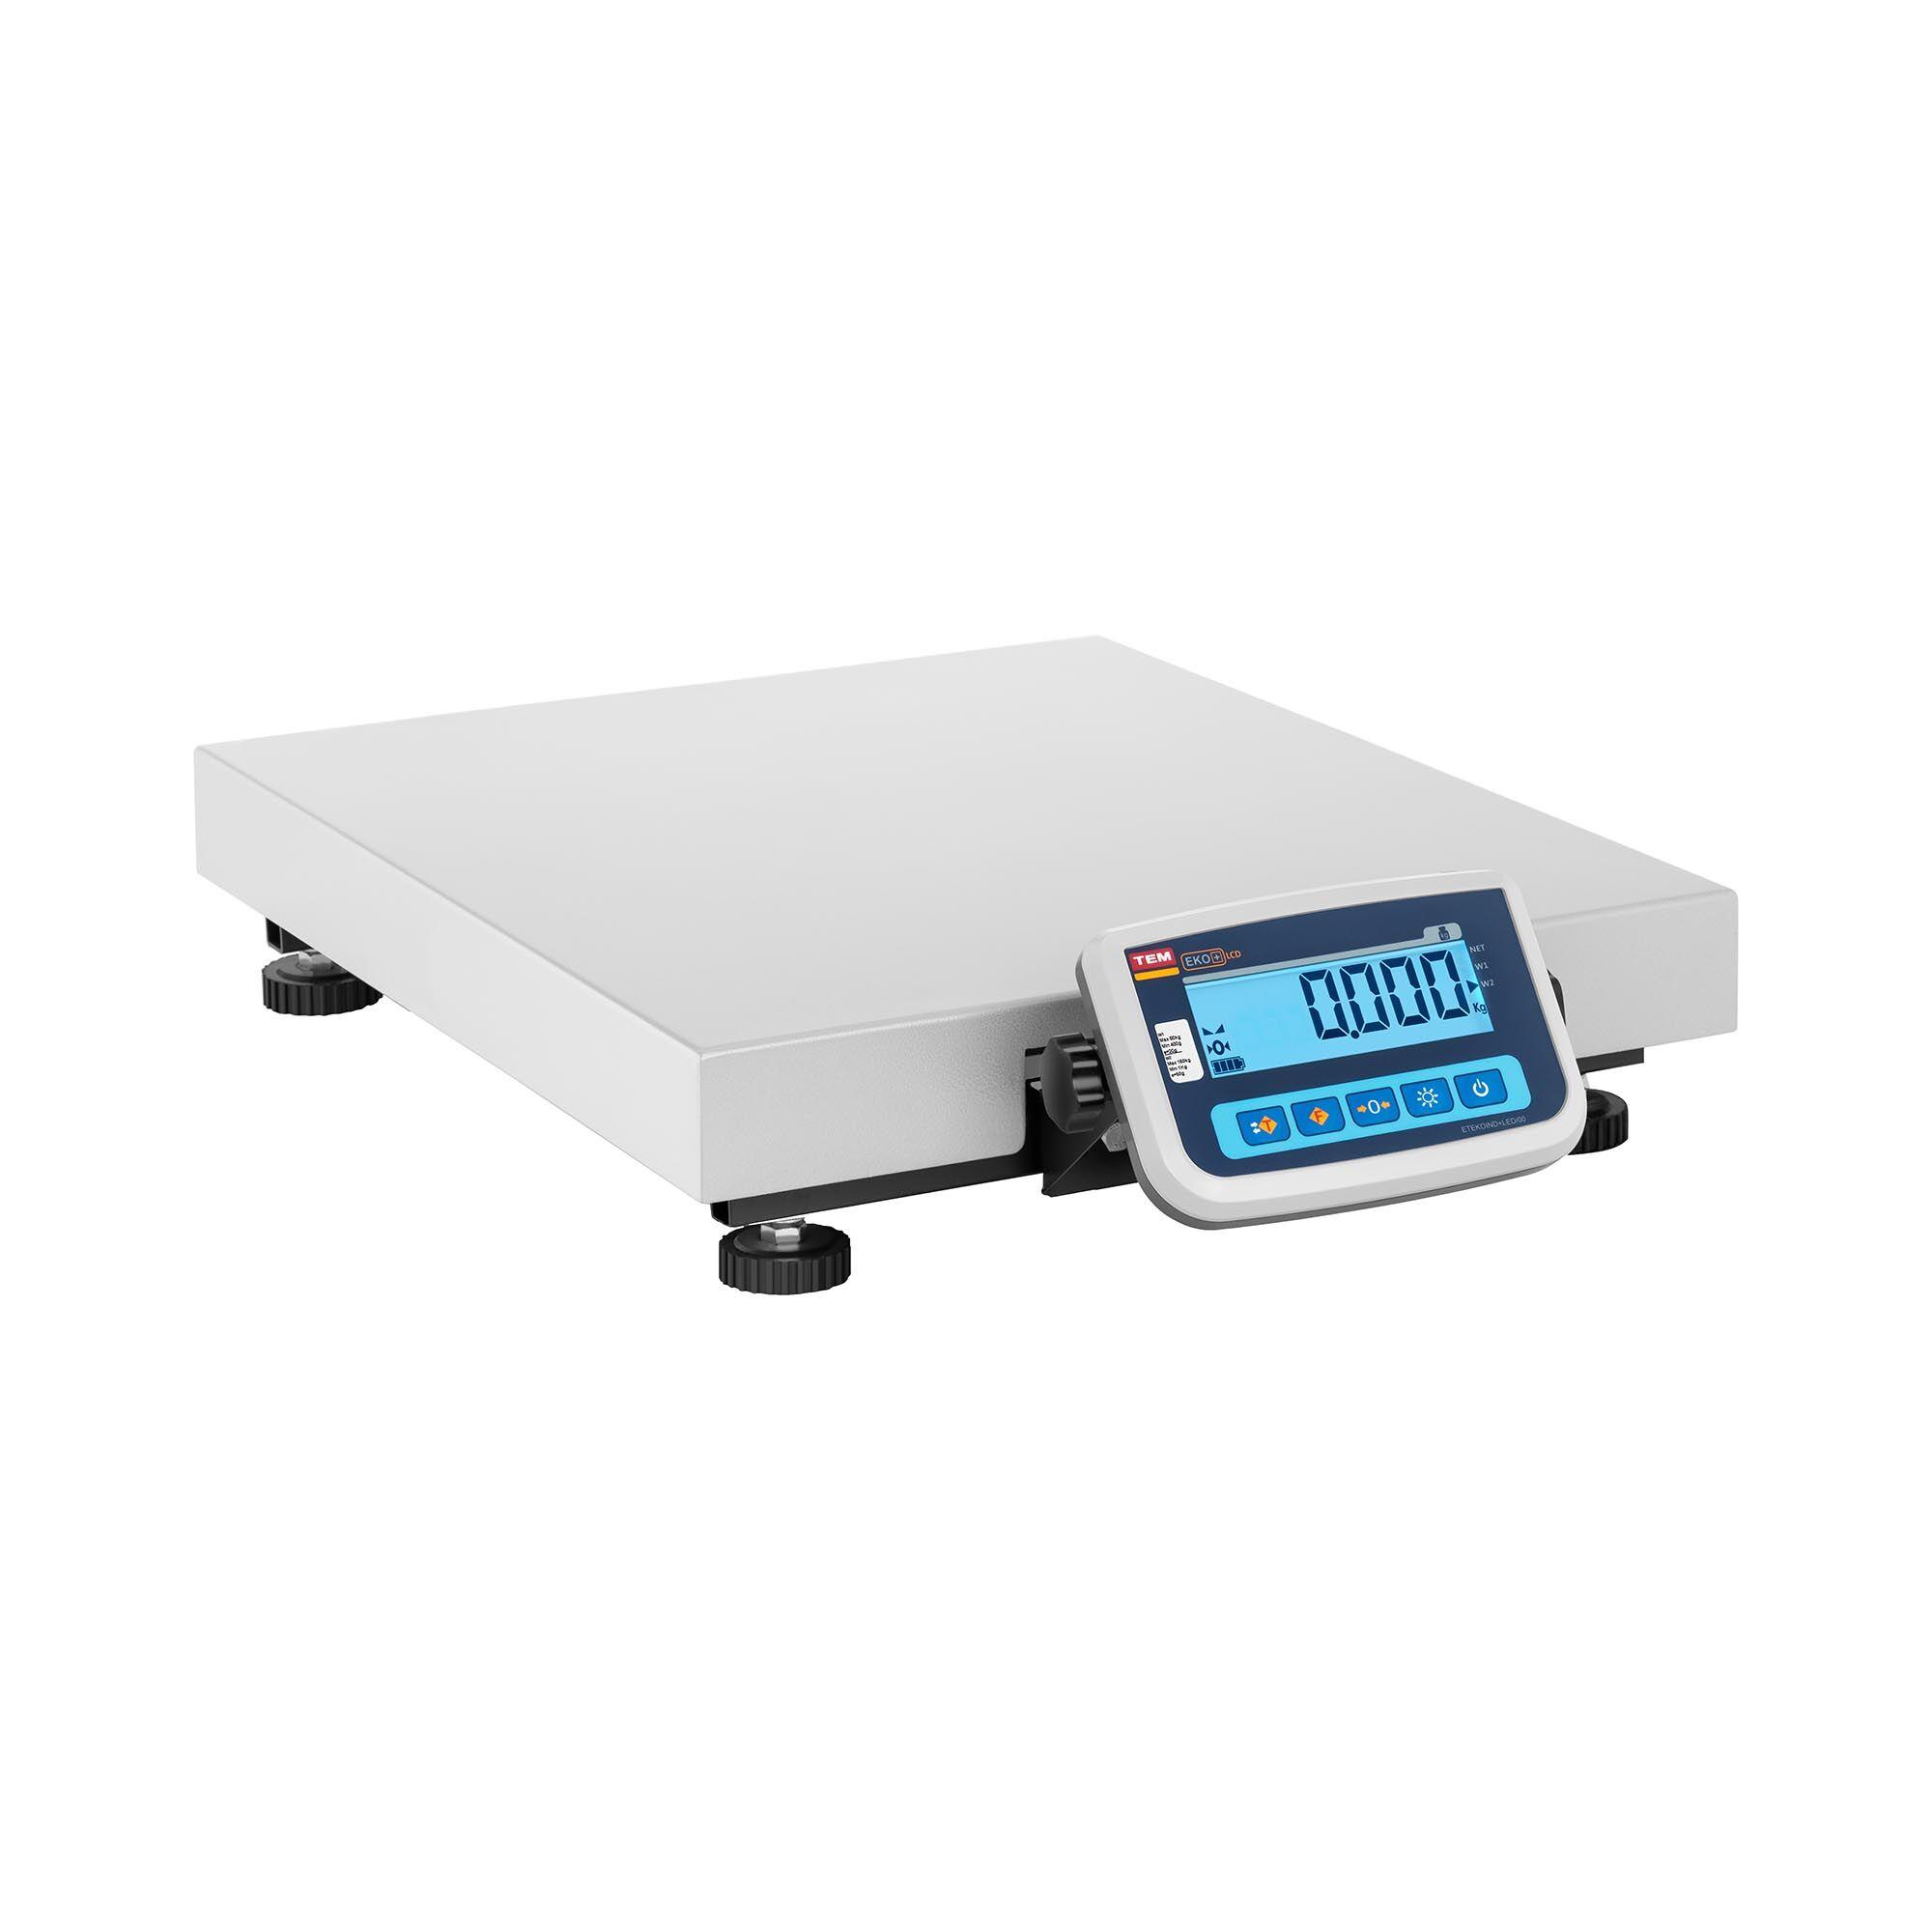 TEM Pakkevægt - certificeret - 150 kg / 50 g - 60 x 50 cm BEK+C030X060150-F-B1